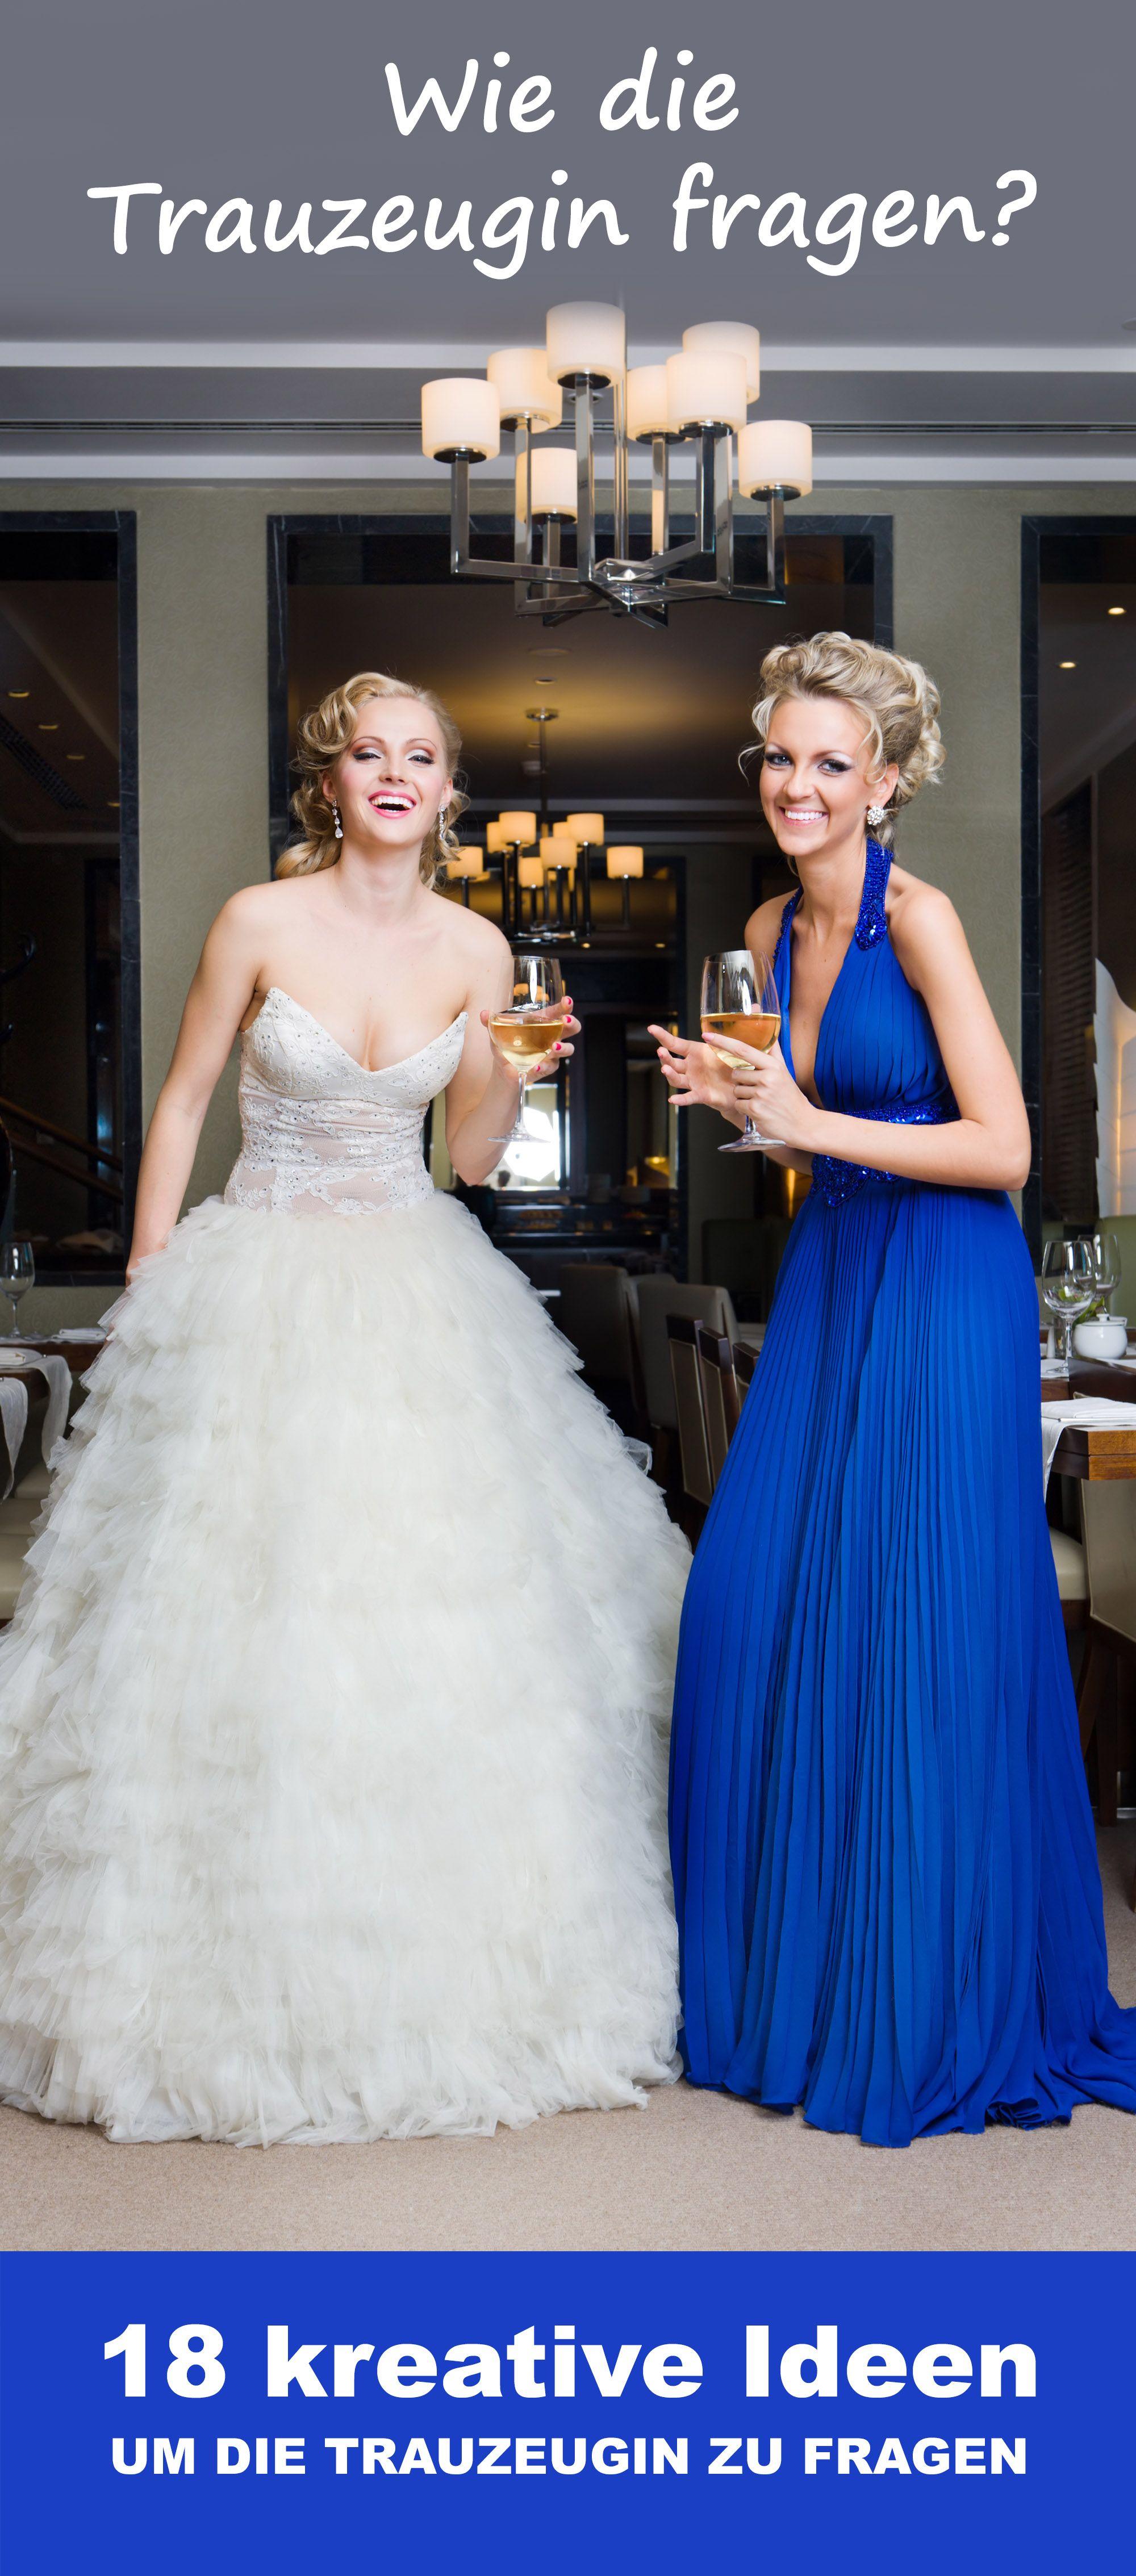 Trauzeugin Fragen Tr Wedding Bridesmaid Und Dream Wedding